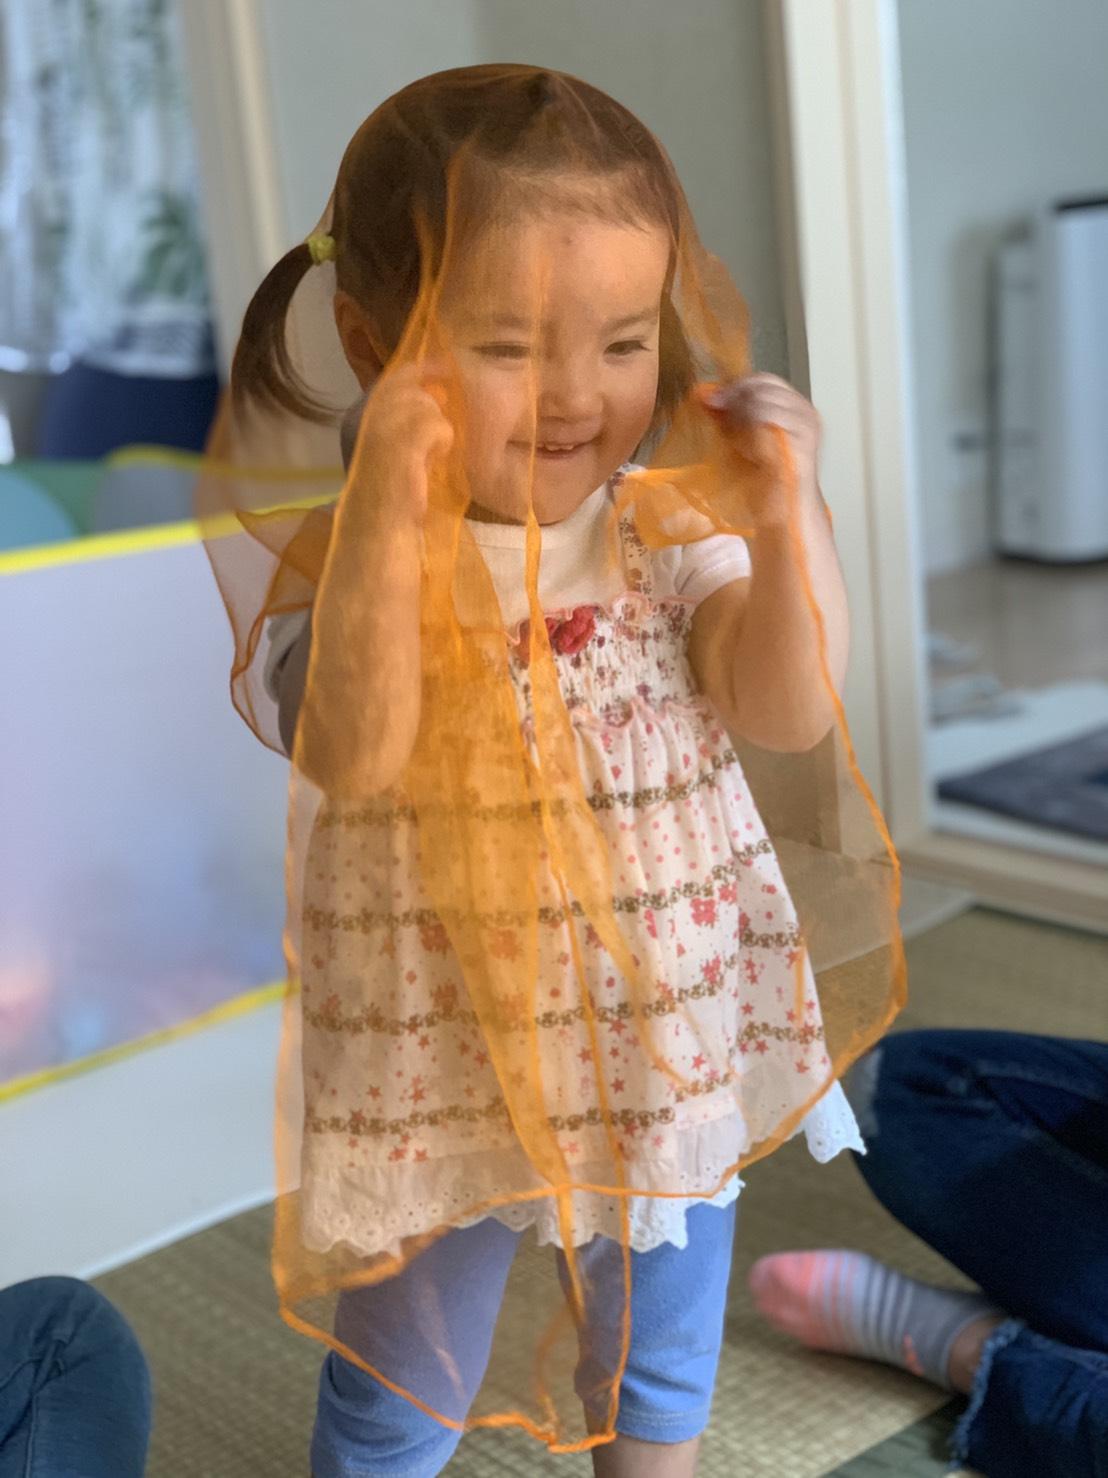 スカーフでリトミック表現をする女の子